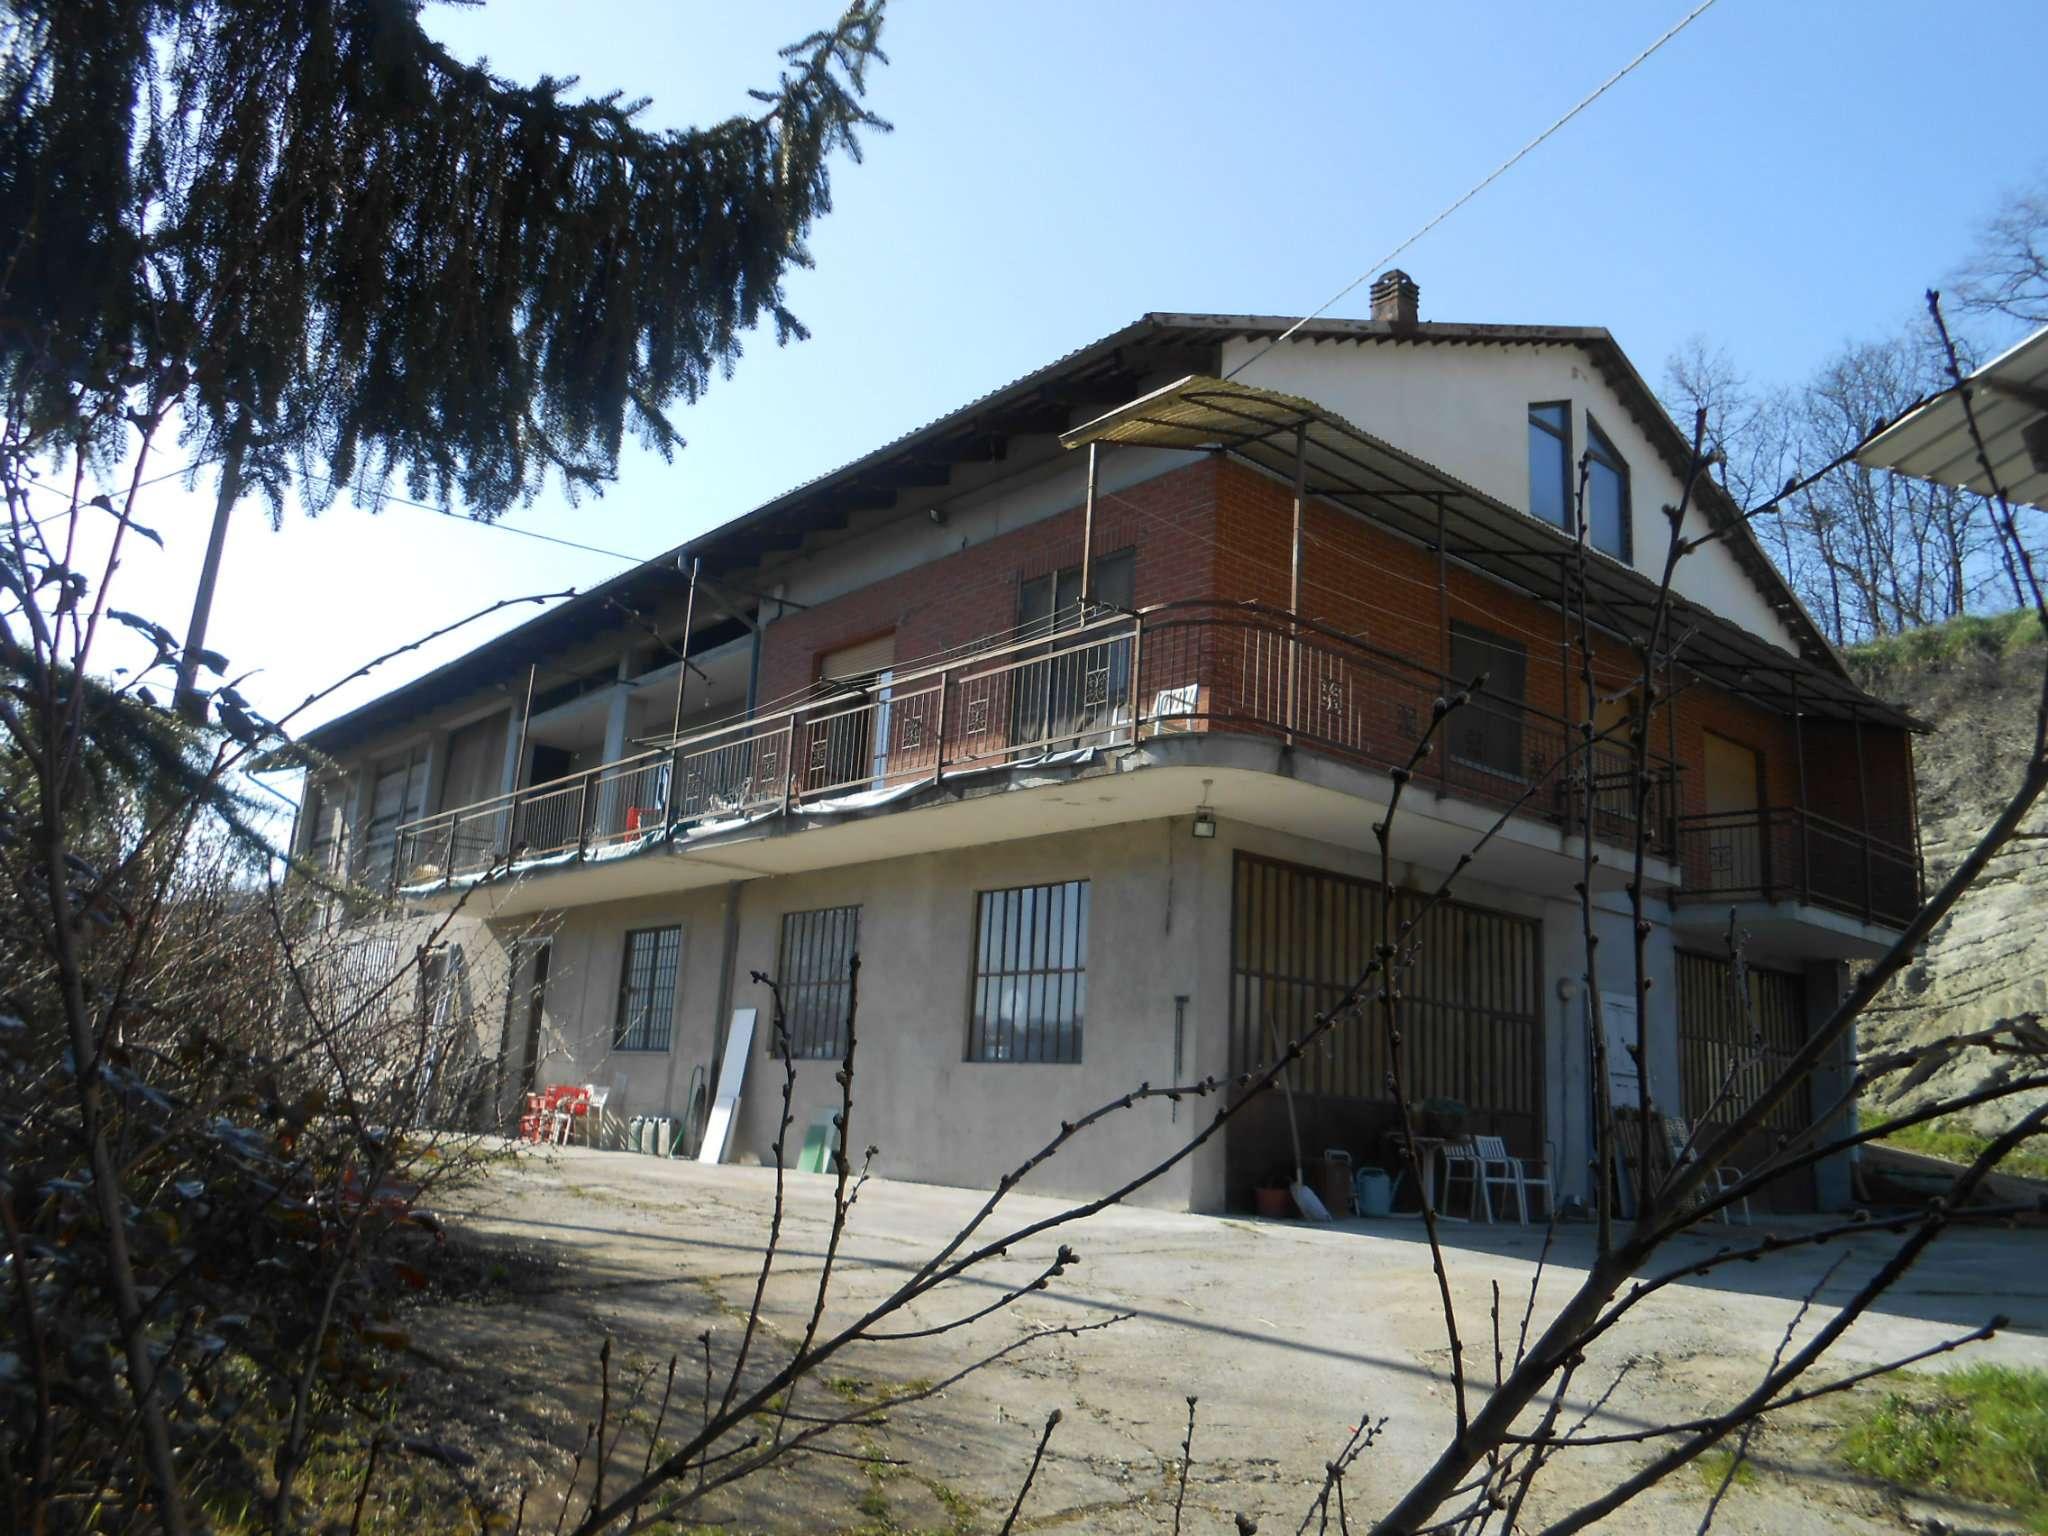 Rustico / Casale in vendita a Aramengo, 15 locali, prezzo € 259.000 | CambioCasa.it